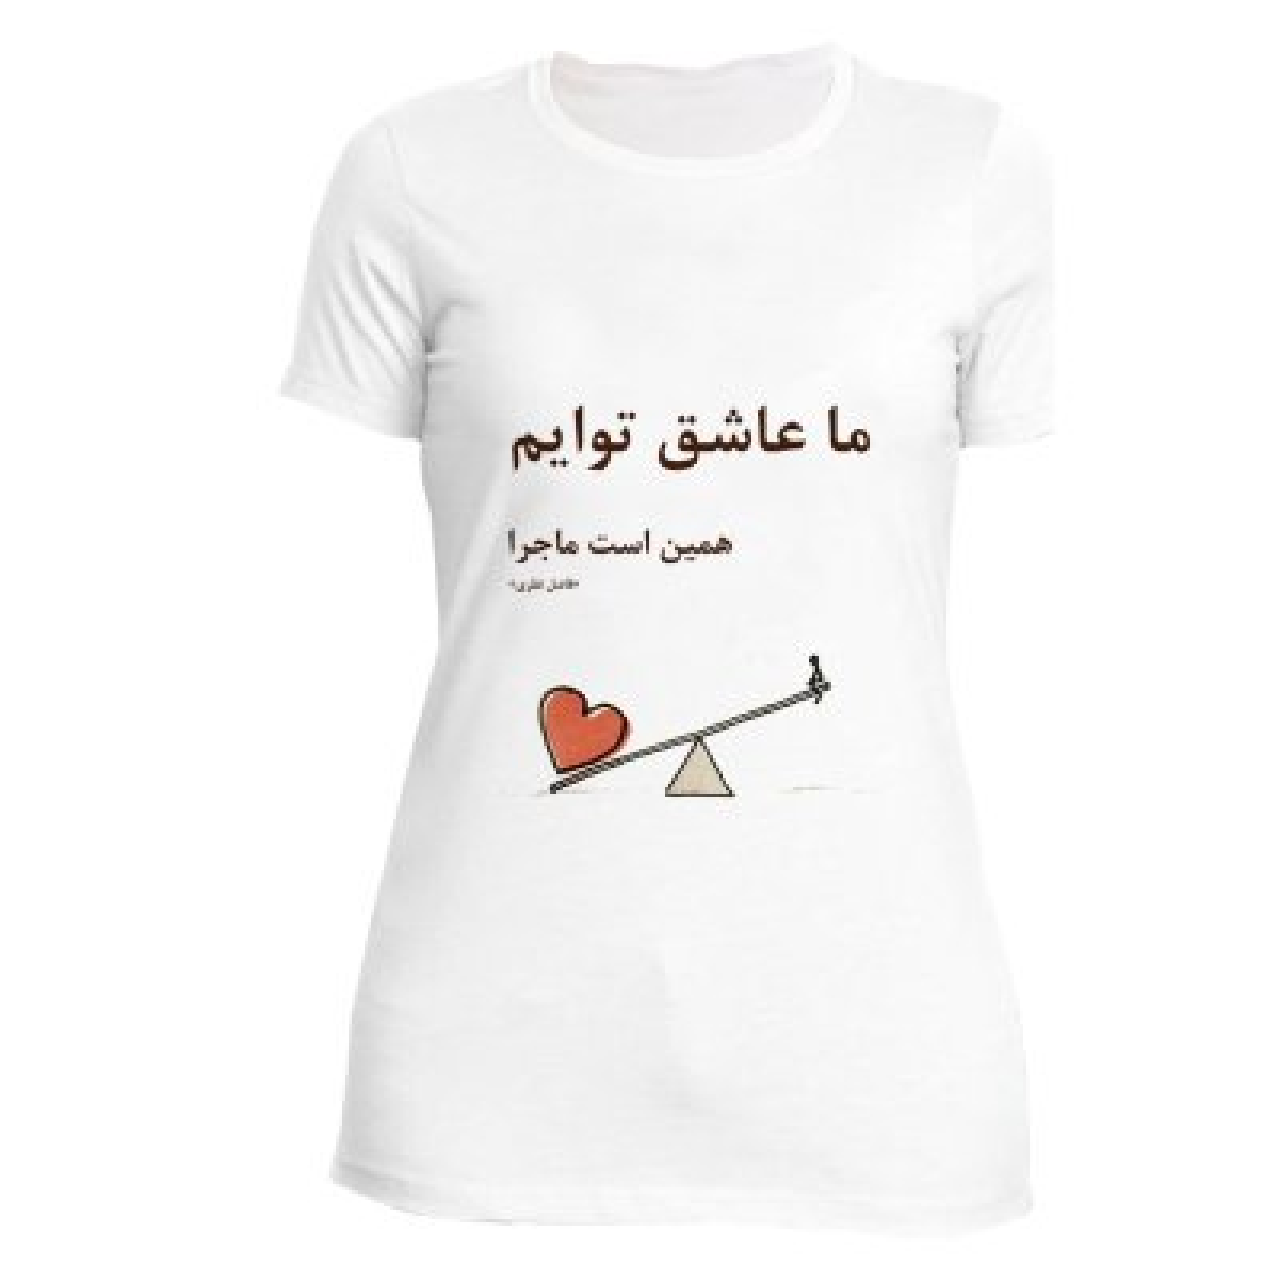 تصویر تی شرت زنانه نگار ایرانی طرح Z-J 12